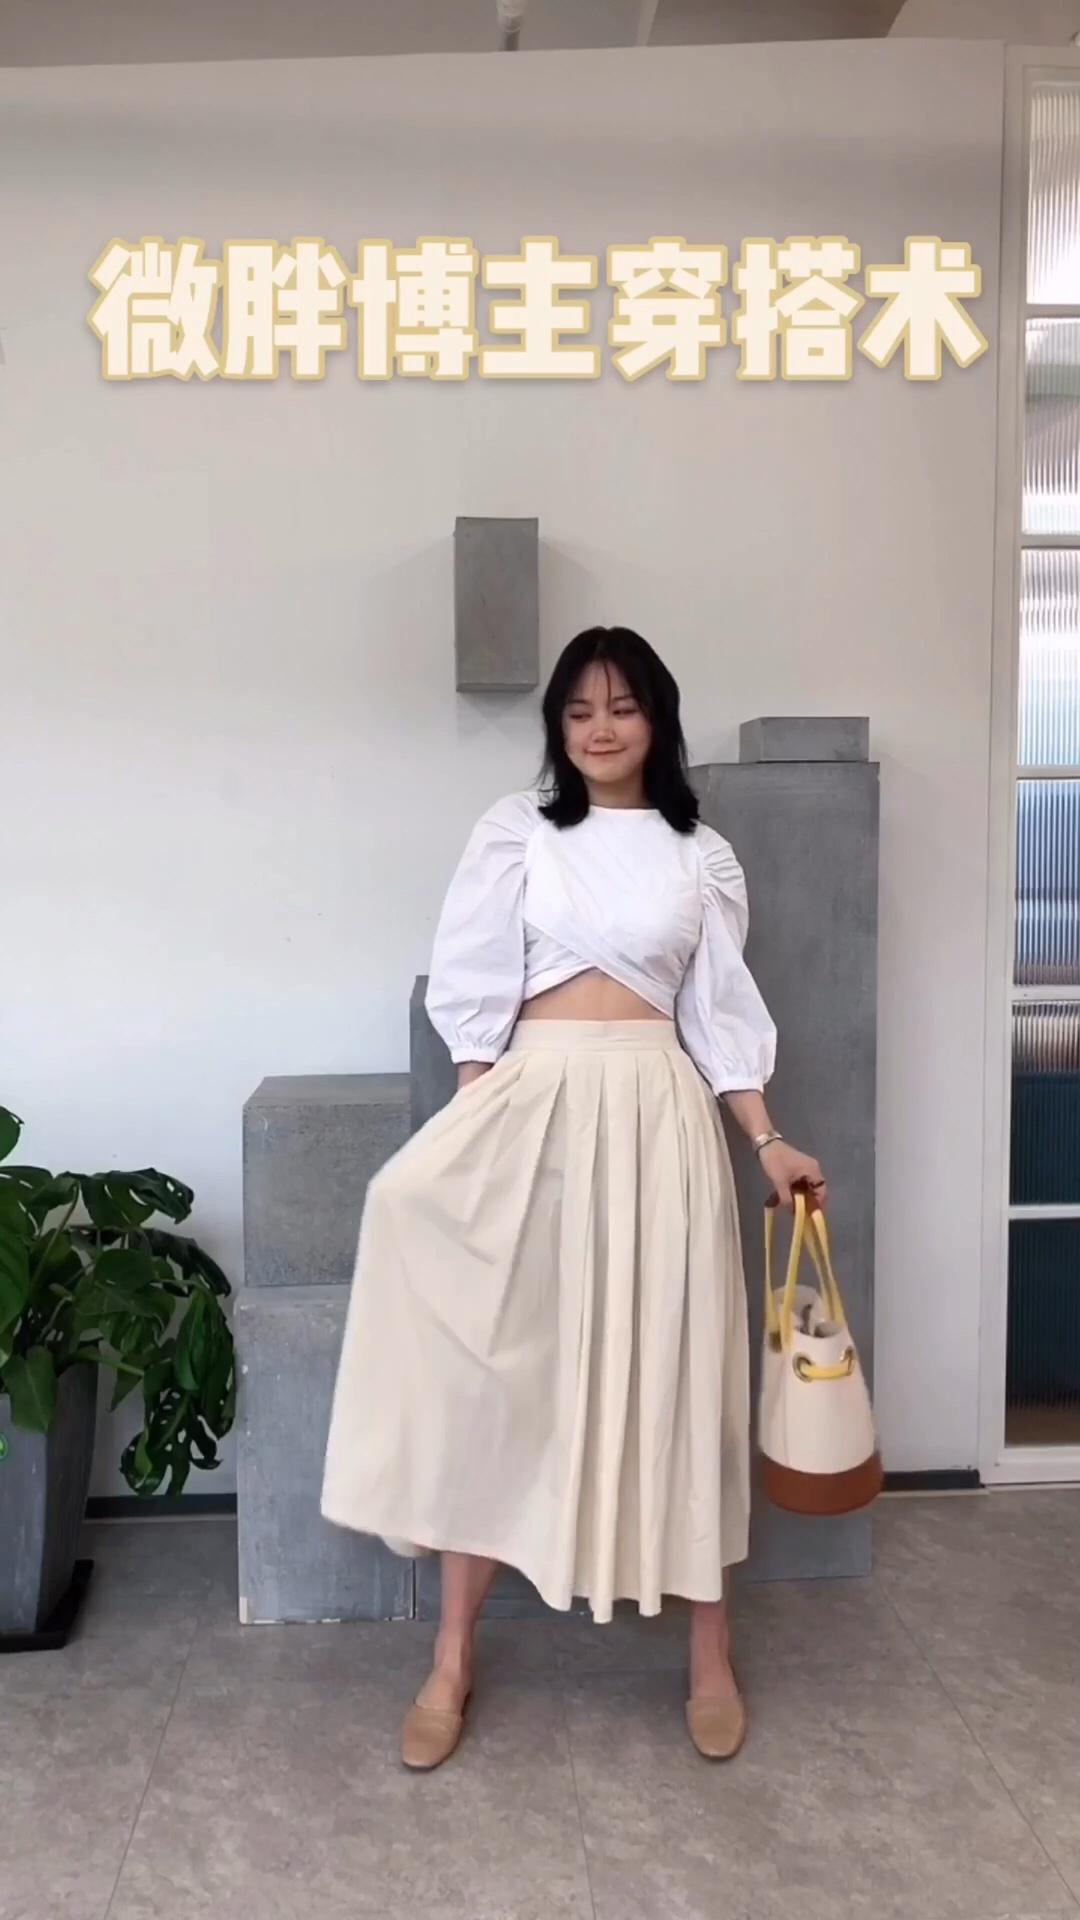 #温柔奶油白,夏日最优解# 白色搭配杏色  真的太温柔了 廓形泡泡袖很好的修饰了拜拜肉 但是肩膀宽的mm不建议入哦 (会显得很壮) 下半身搭配油果日记家的一条浅杏色裤裙 是裤子的设计哦不用担心走光 看起来像裙子~ 这条裙裤反正买就对了